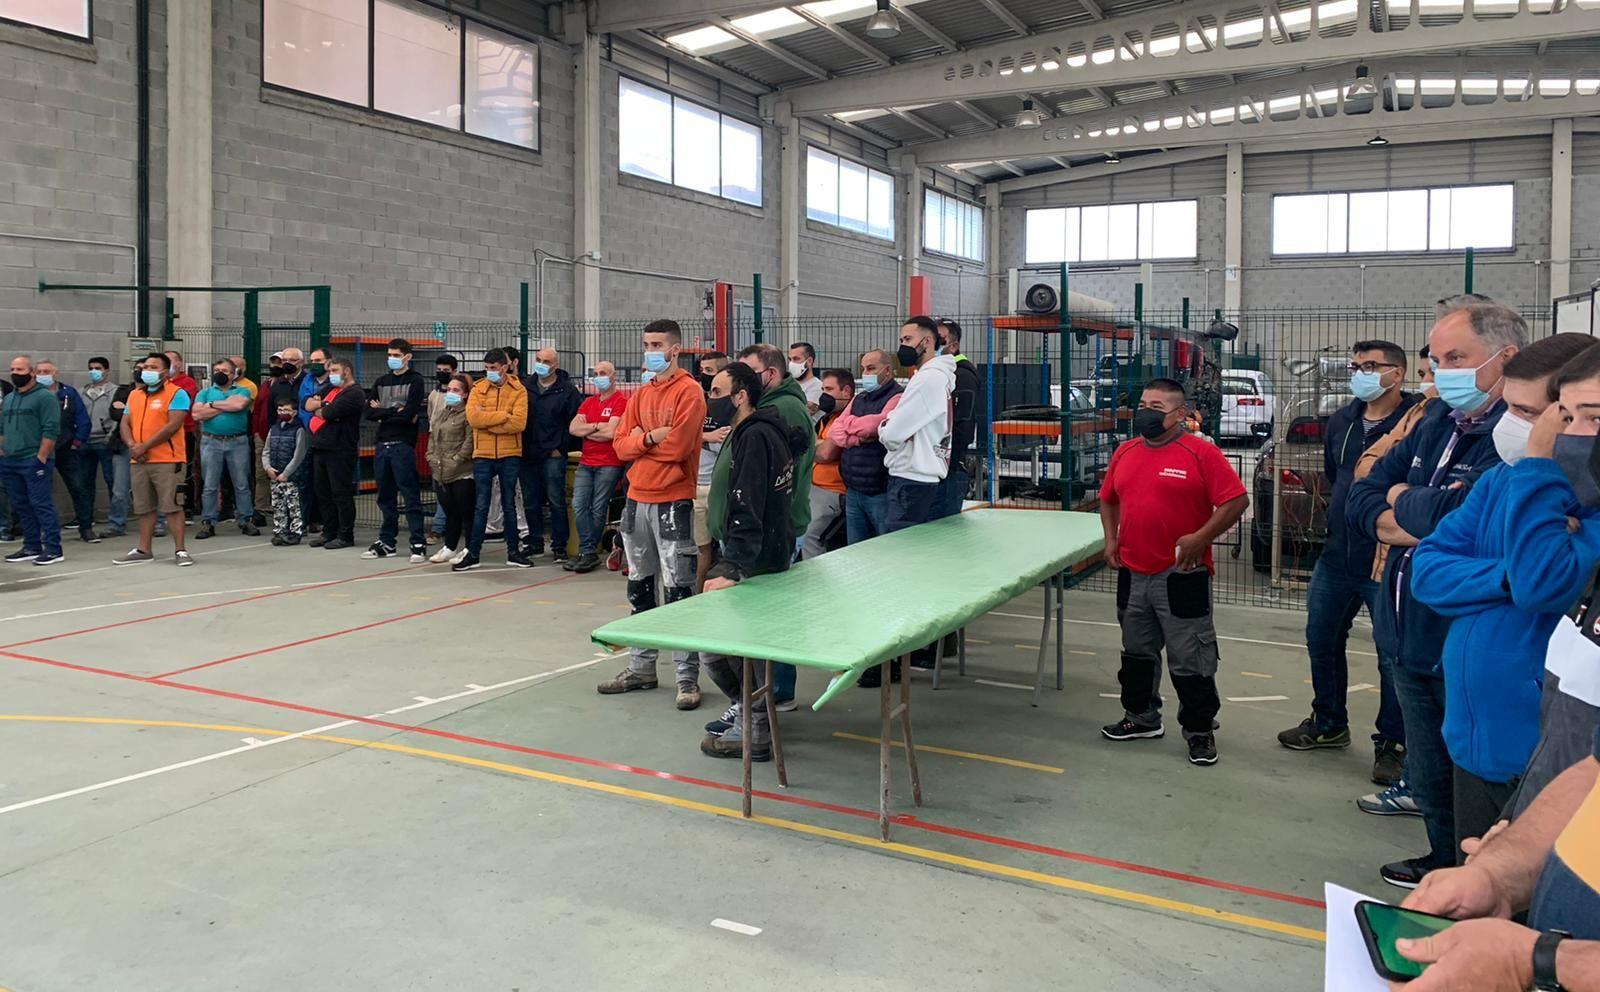 O Centro CIFP Porta da Auga, de Ribadeo, acolleu este venres unha demostración sobre a aplicación dun novo revestimento simil pedra chamado Tor Piedra